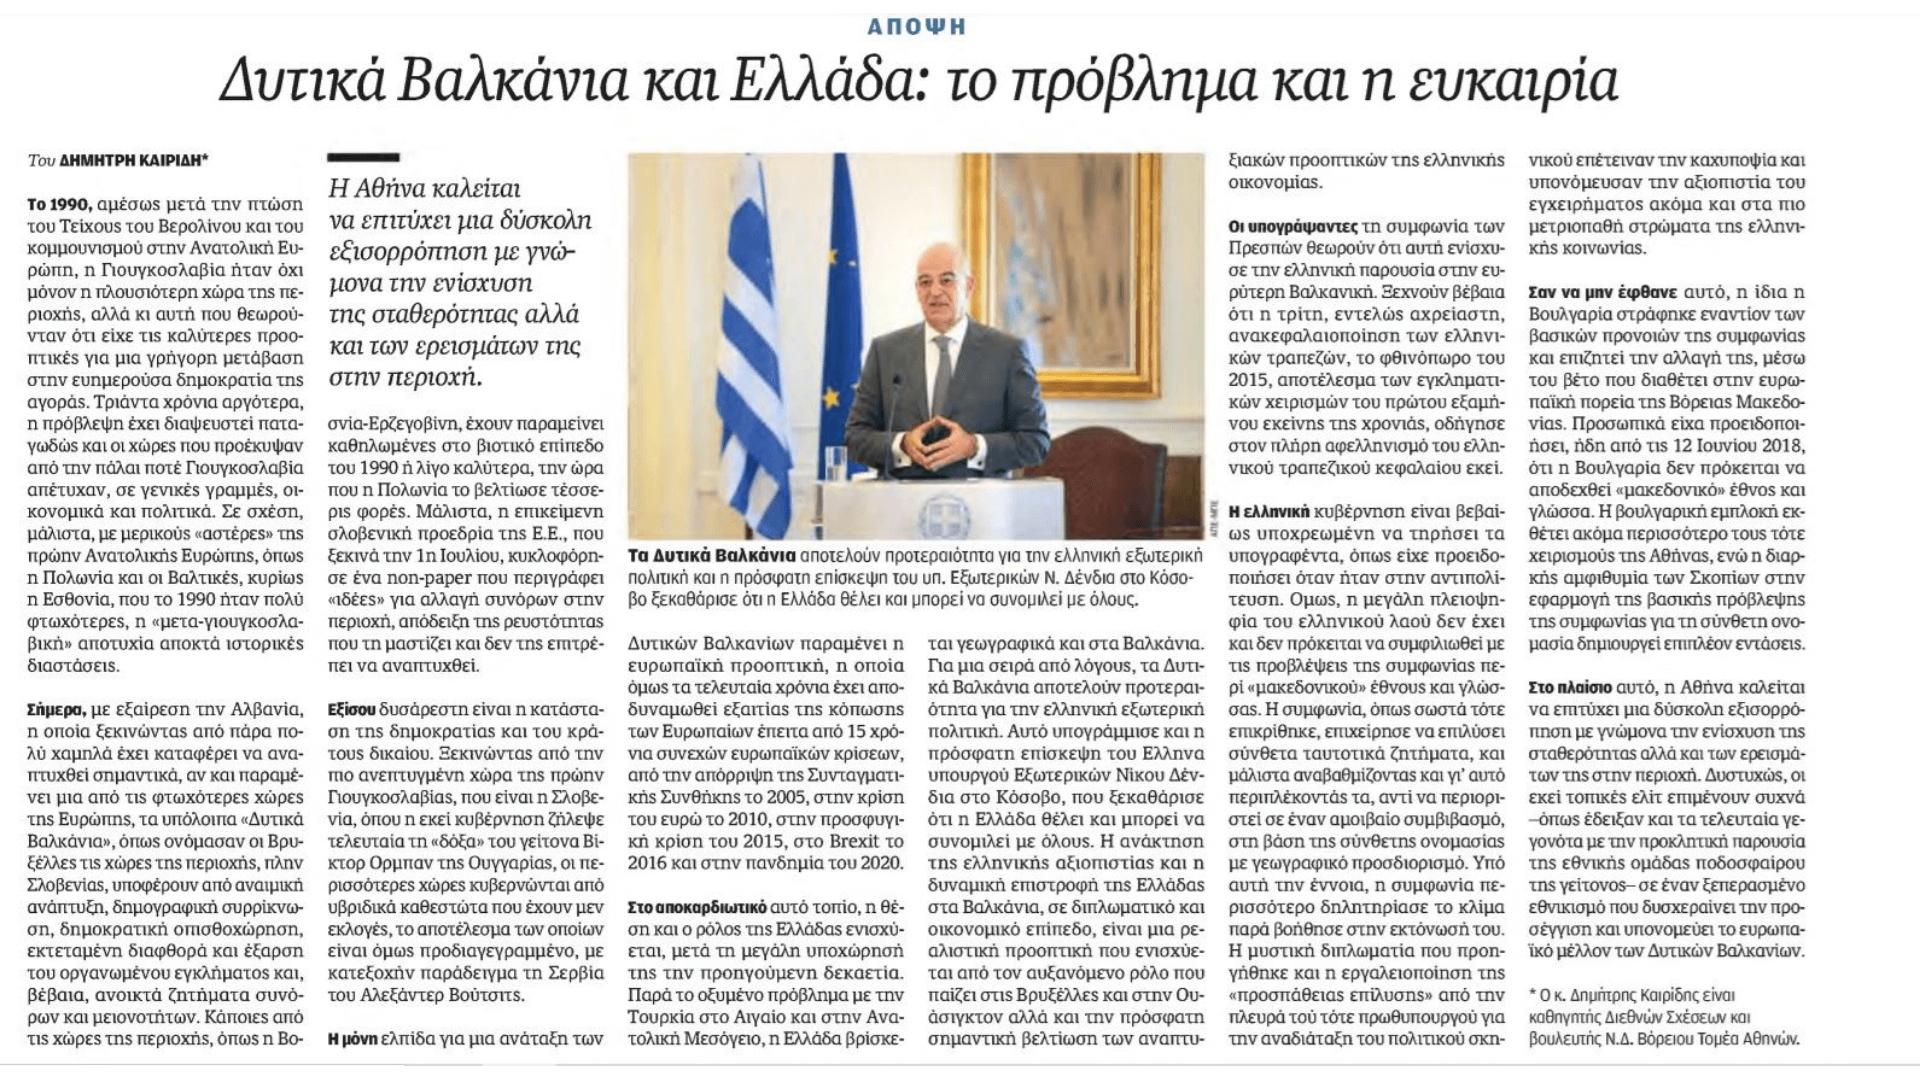 Δυτικά Βαλκάνια και Ελλάδα: το πρόβλημα και η ευκαιρία (Η Καθημερινή της Κυριακής)